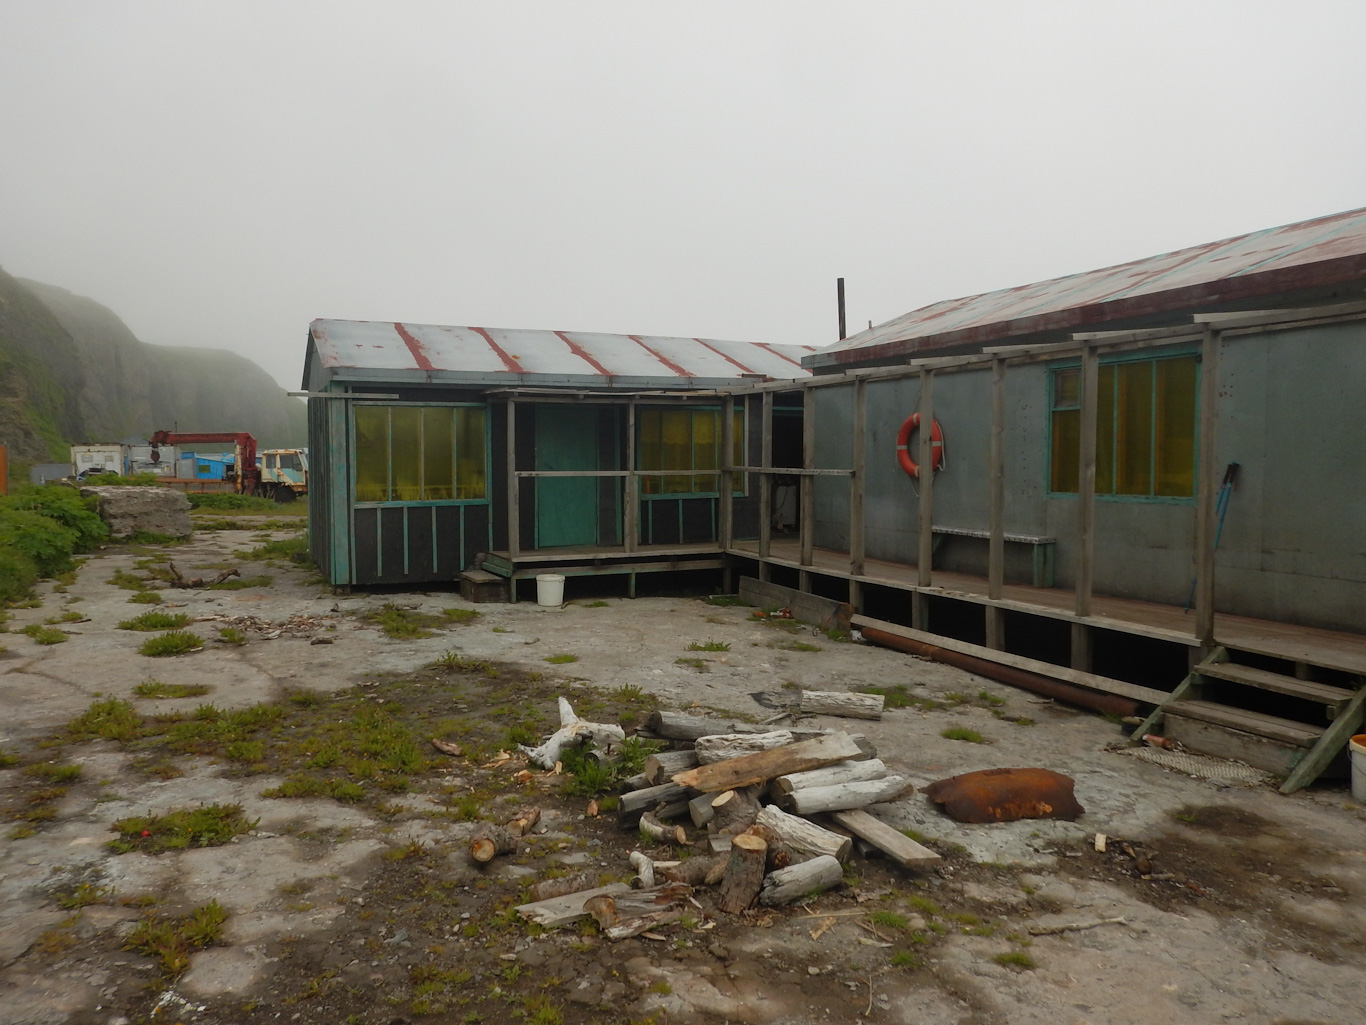 Рыбацкий поселок Шелихово, Парамушир